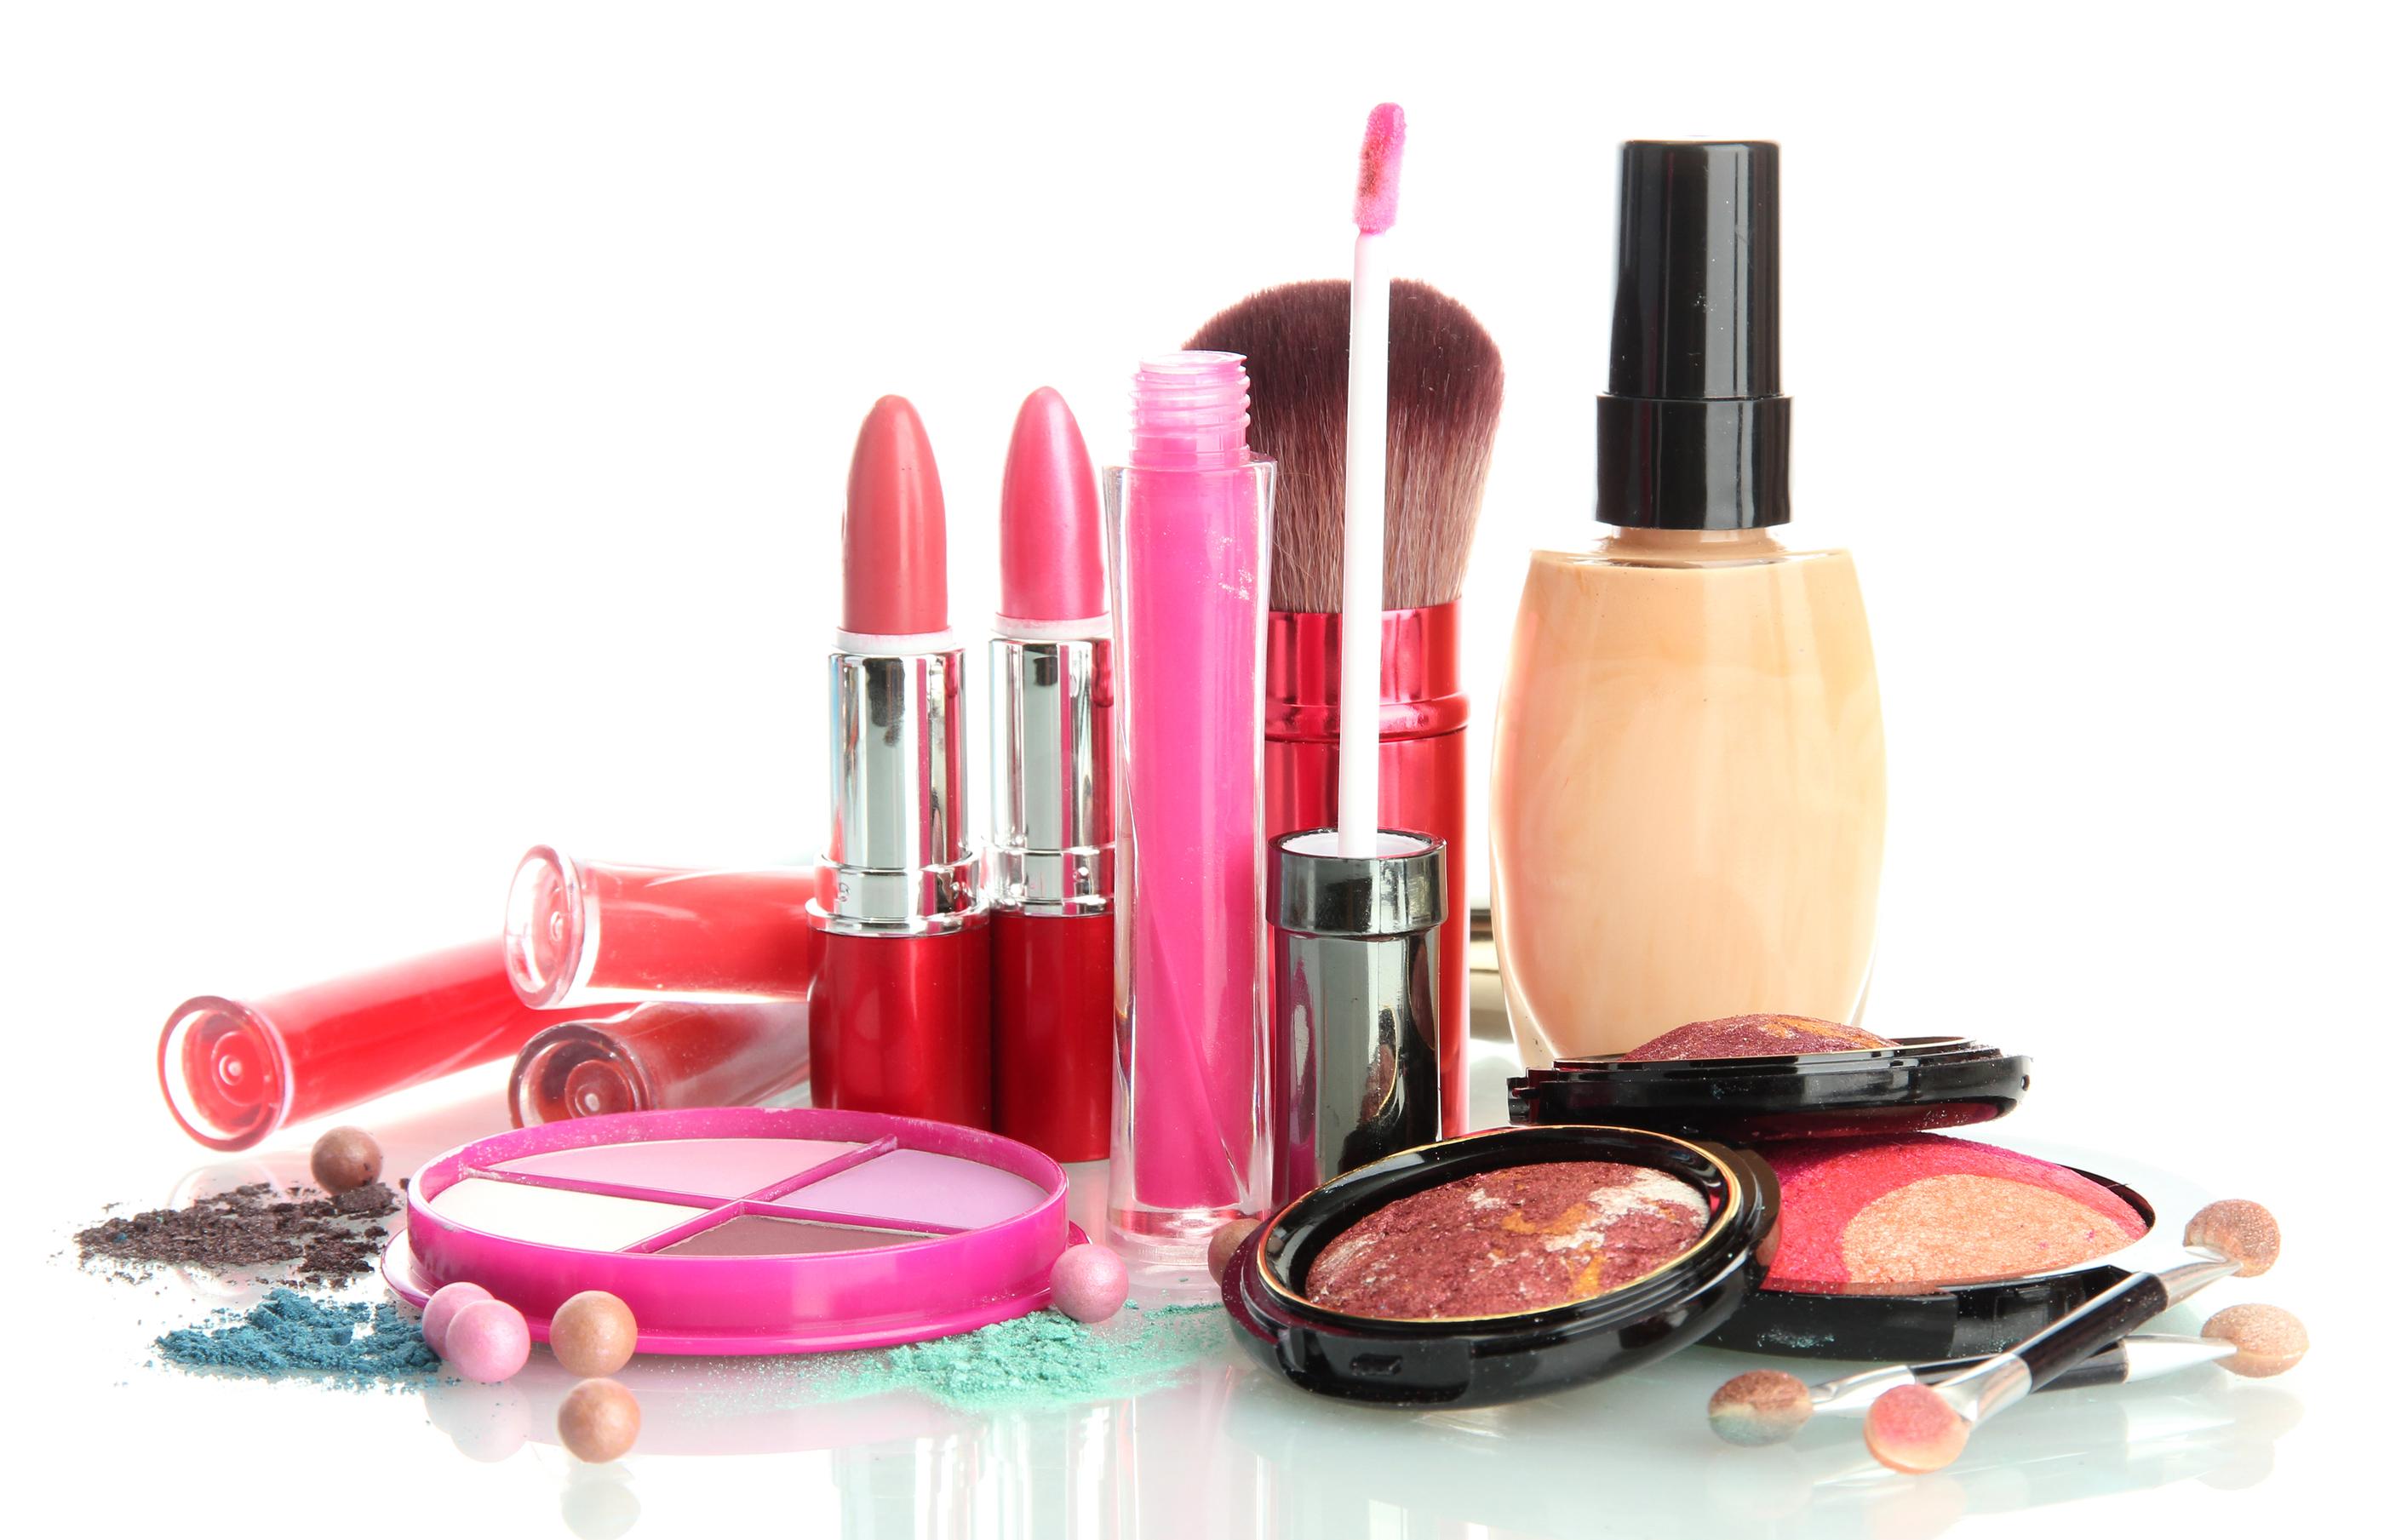 Come leggere l'etichetta dei cosmetici: il tutorial